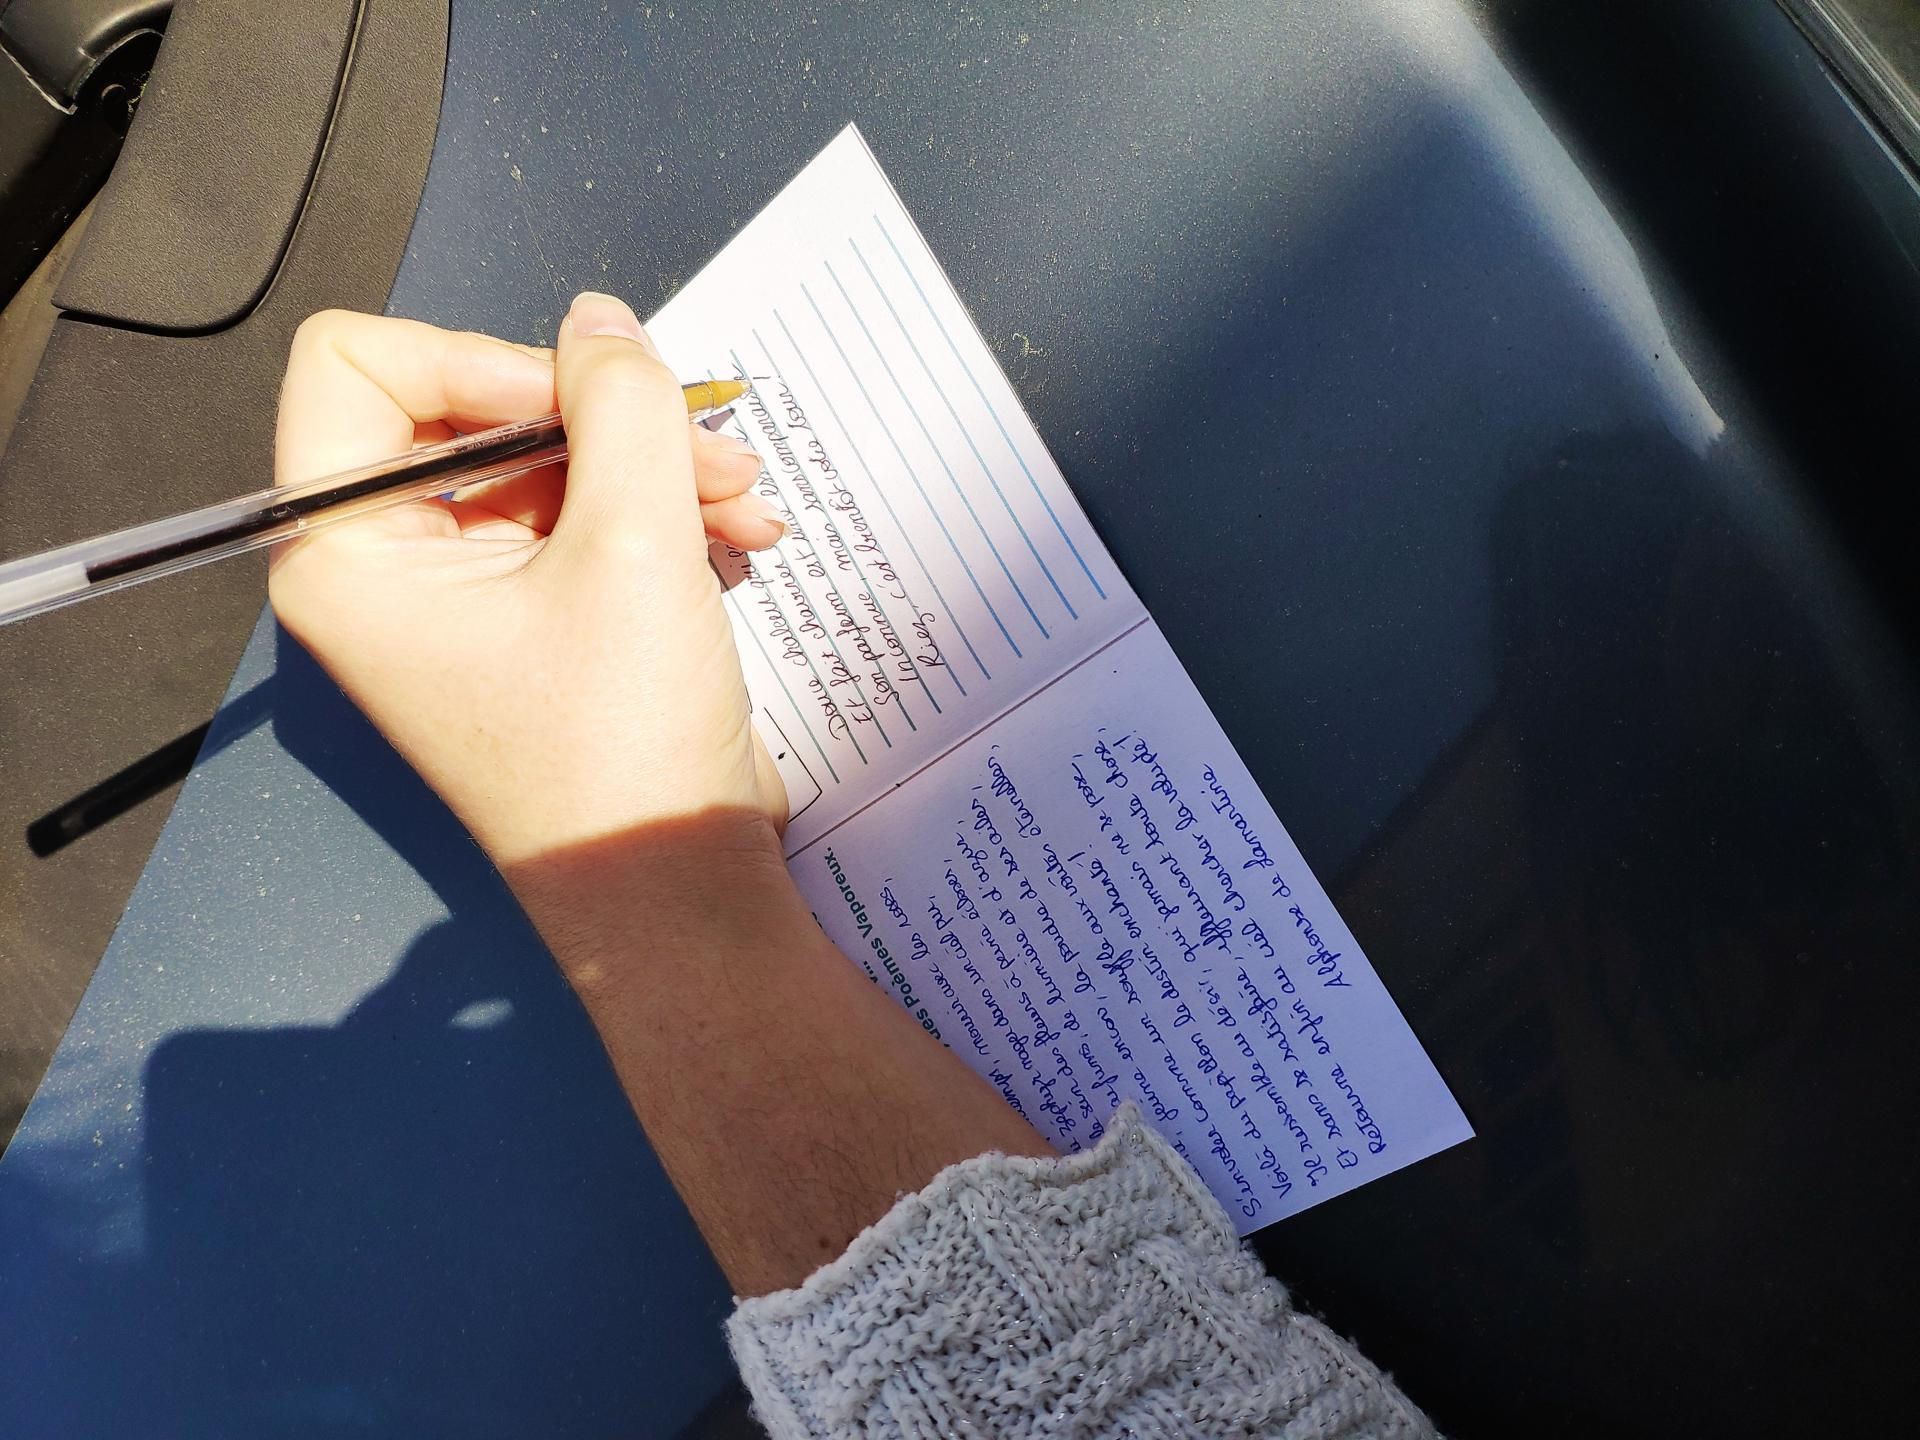 Et une invitation à écrire quelques mots... sur le Désir